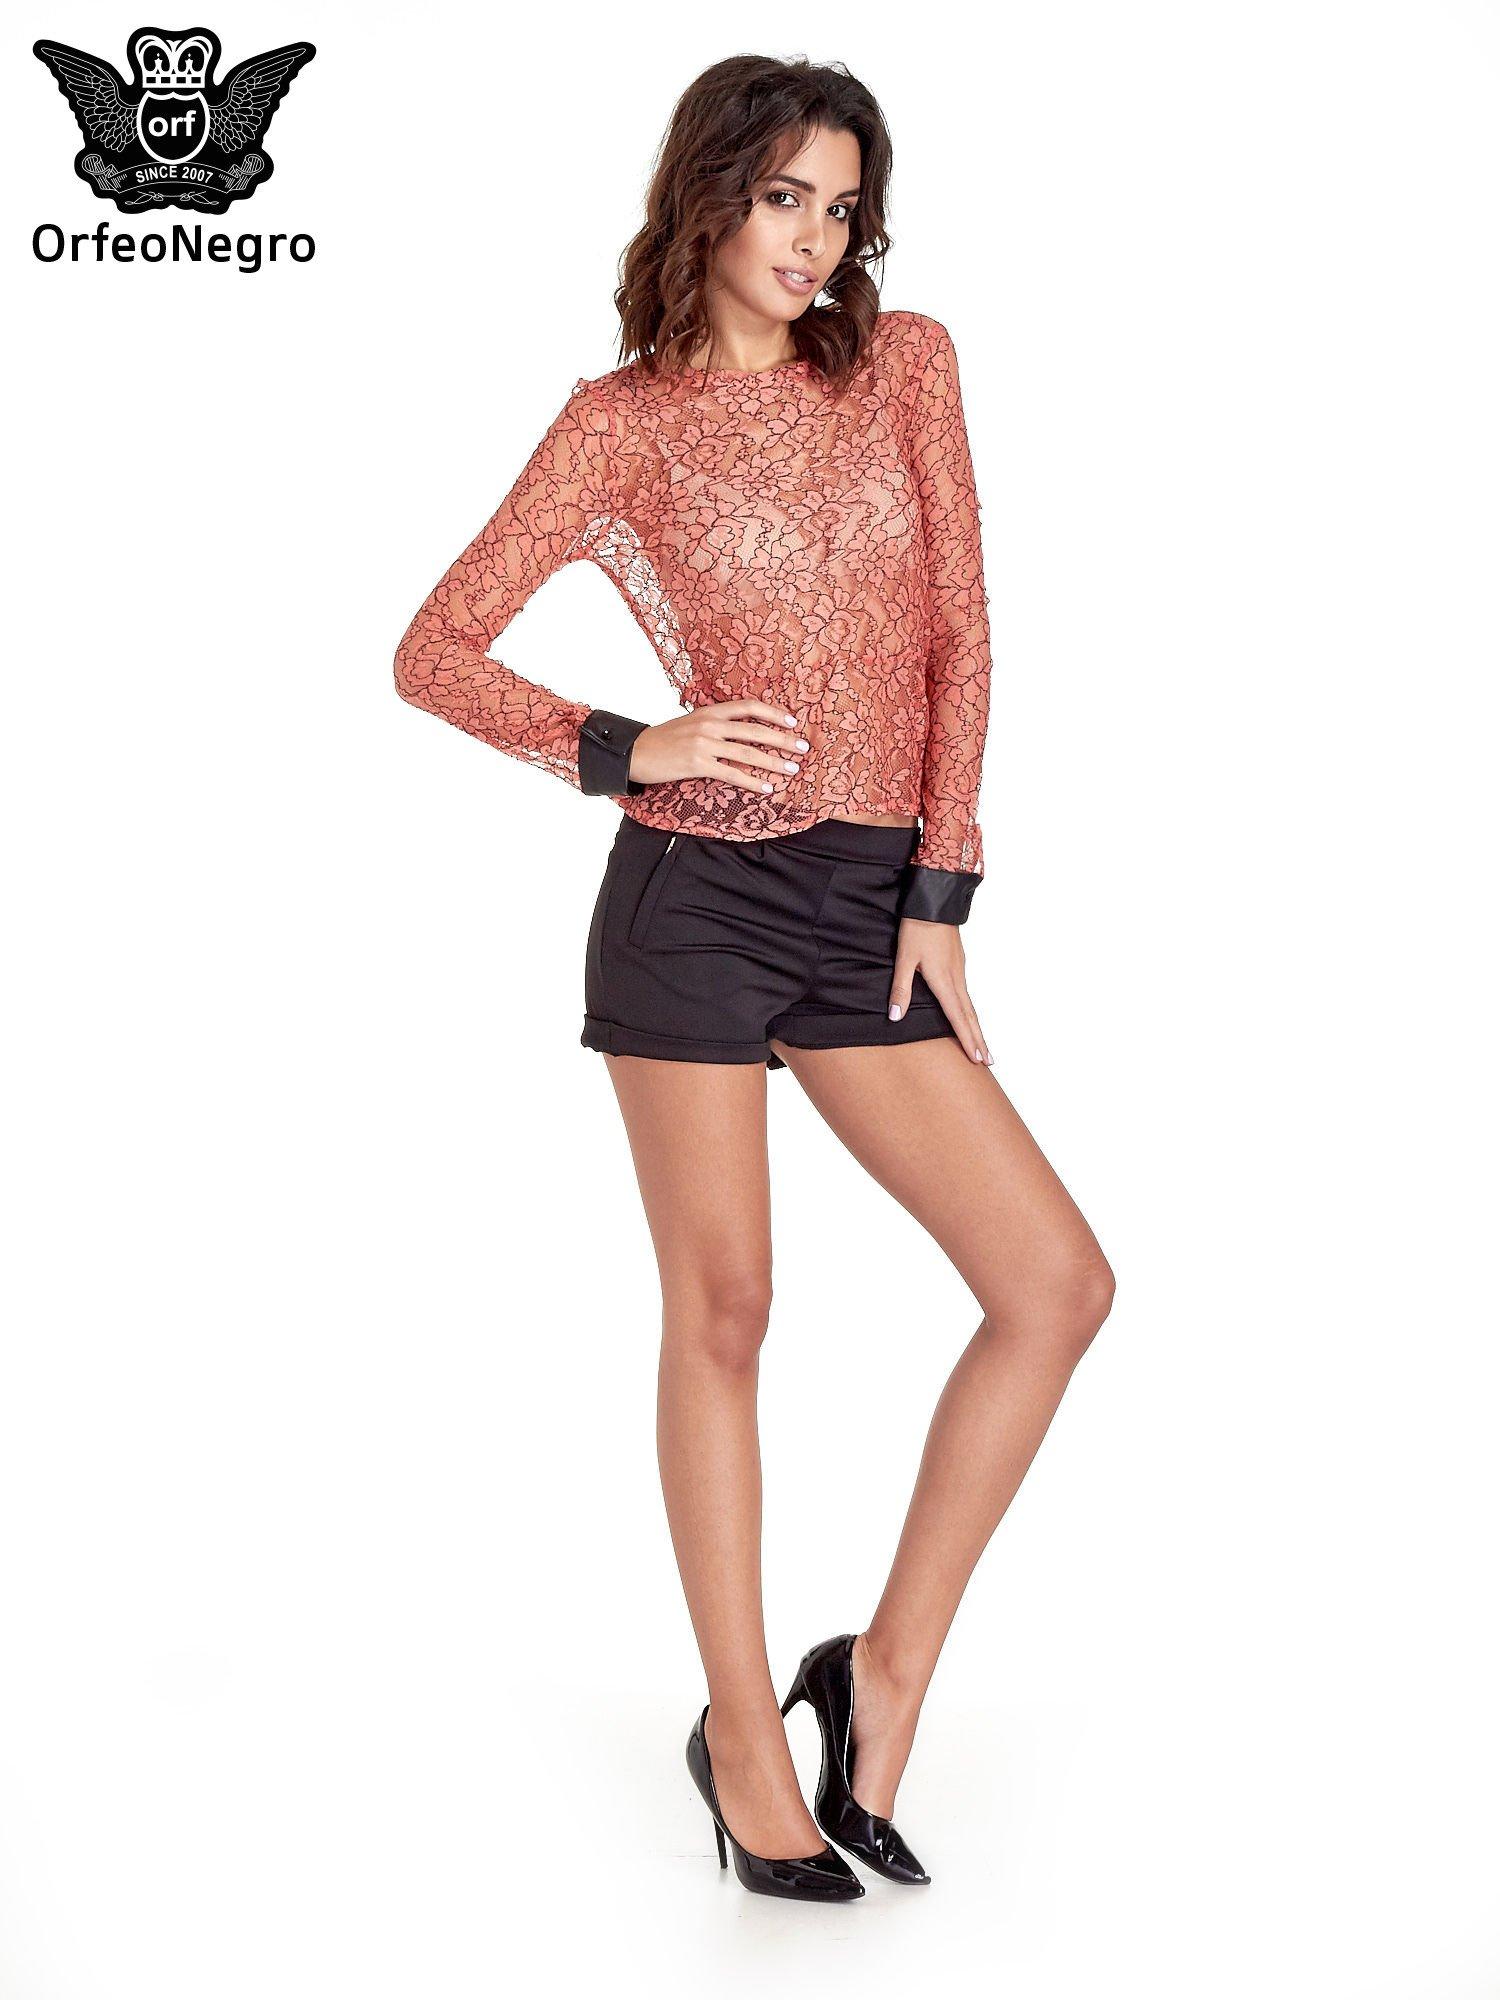 Koralowa bluzka koszulowa z koronki ze skórzanymi mankietami                                  zdj.                                  2